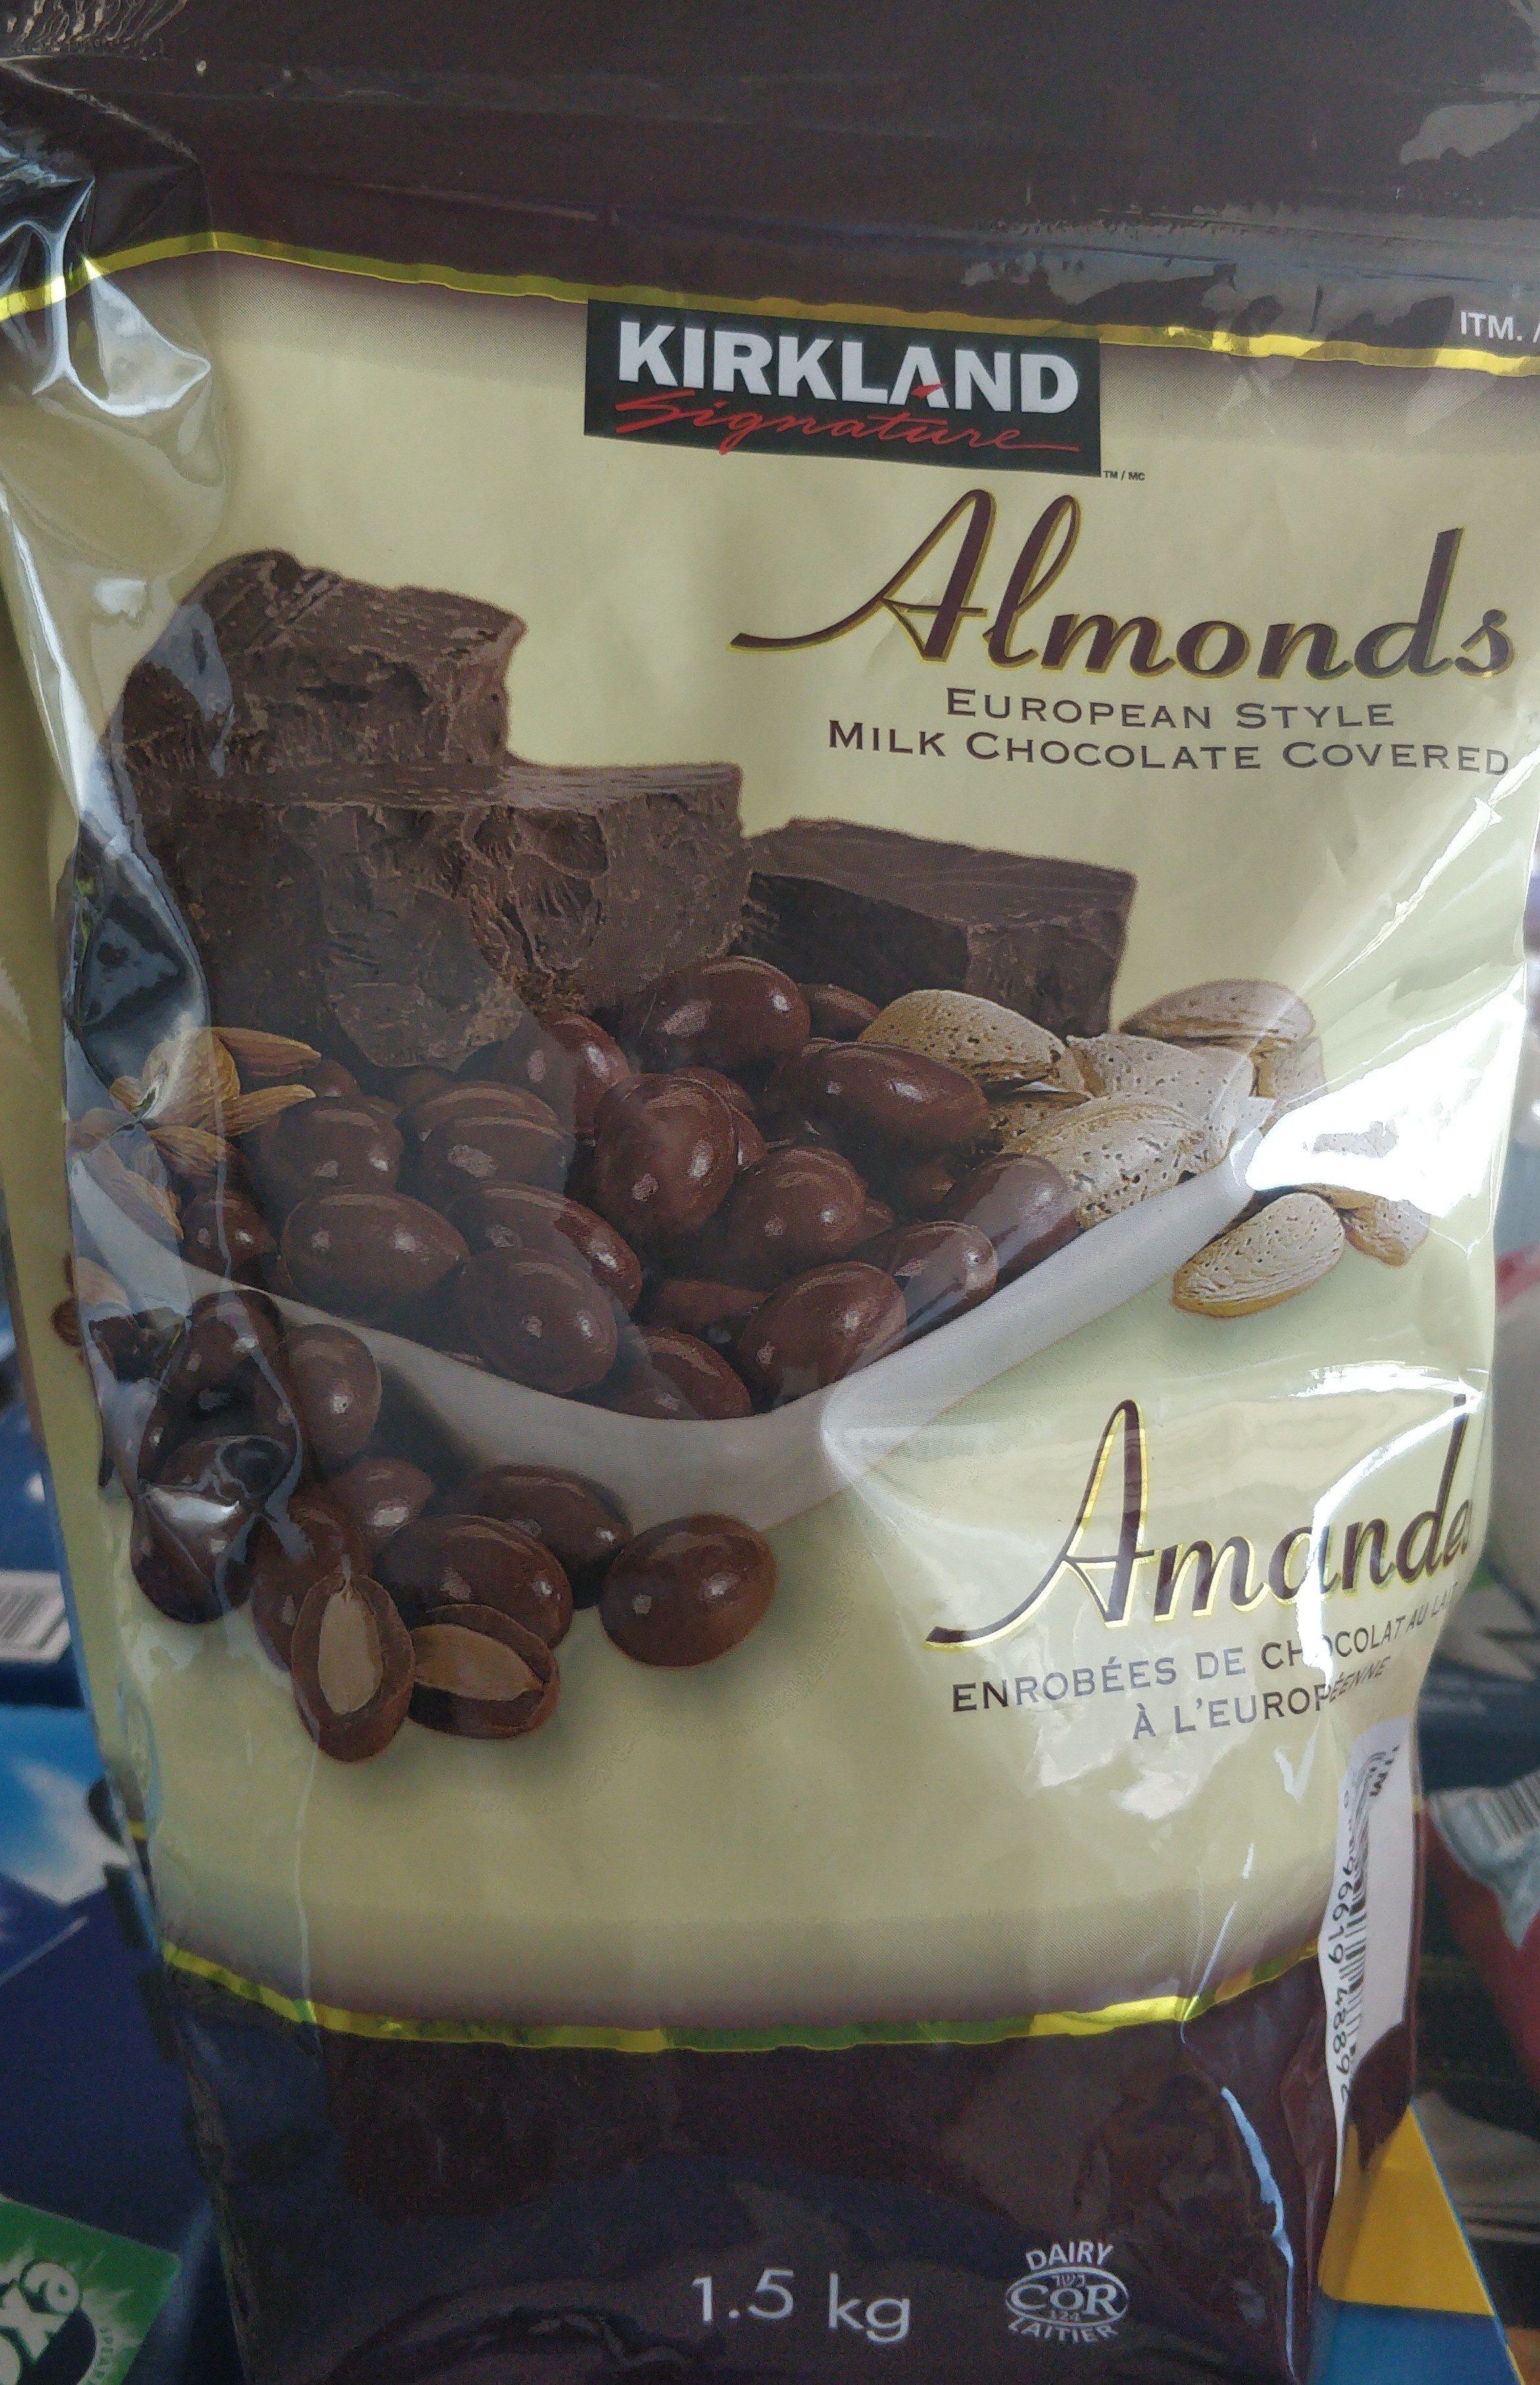 Amandes enrobées de chocolat au lait - Kirkland Signature